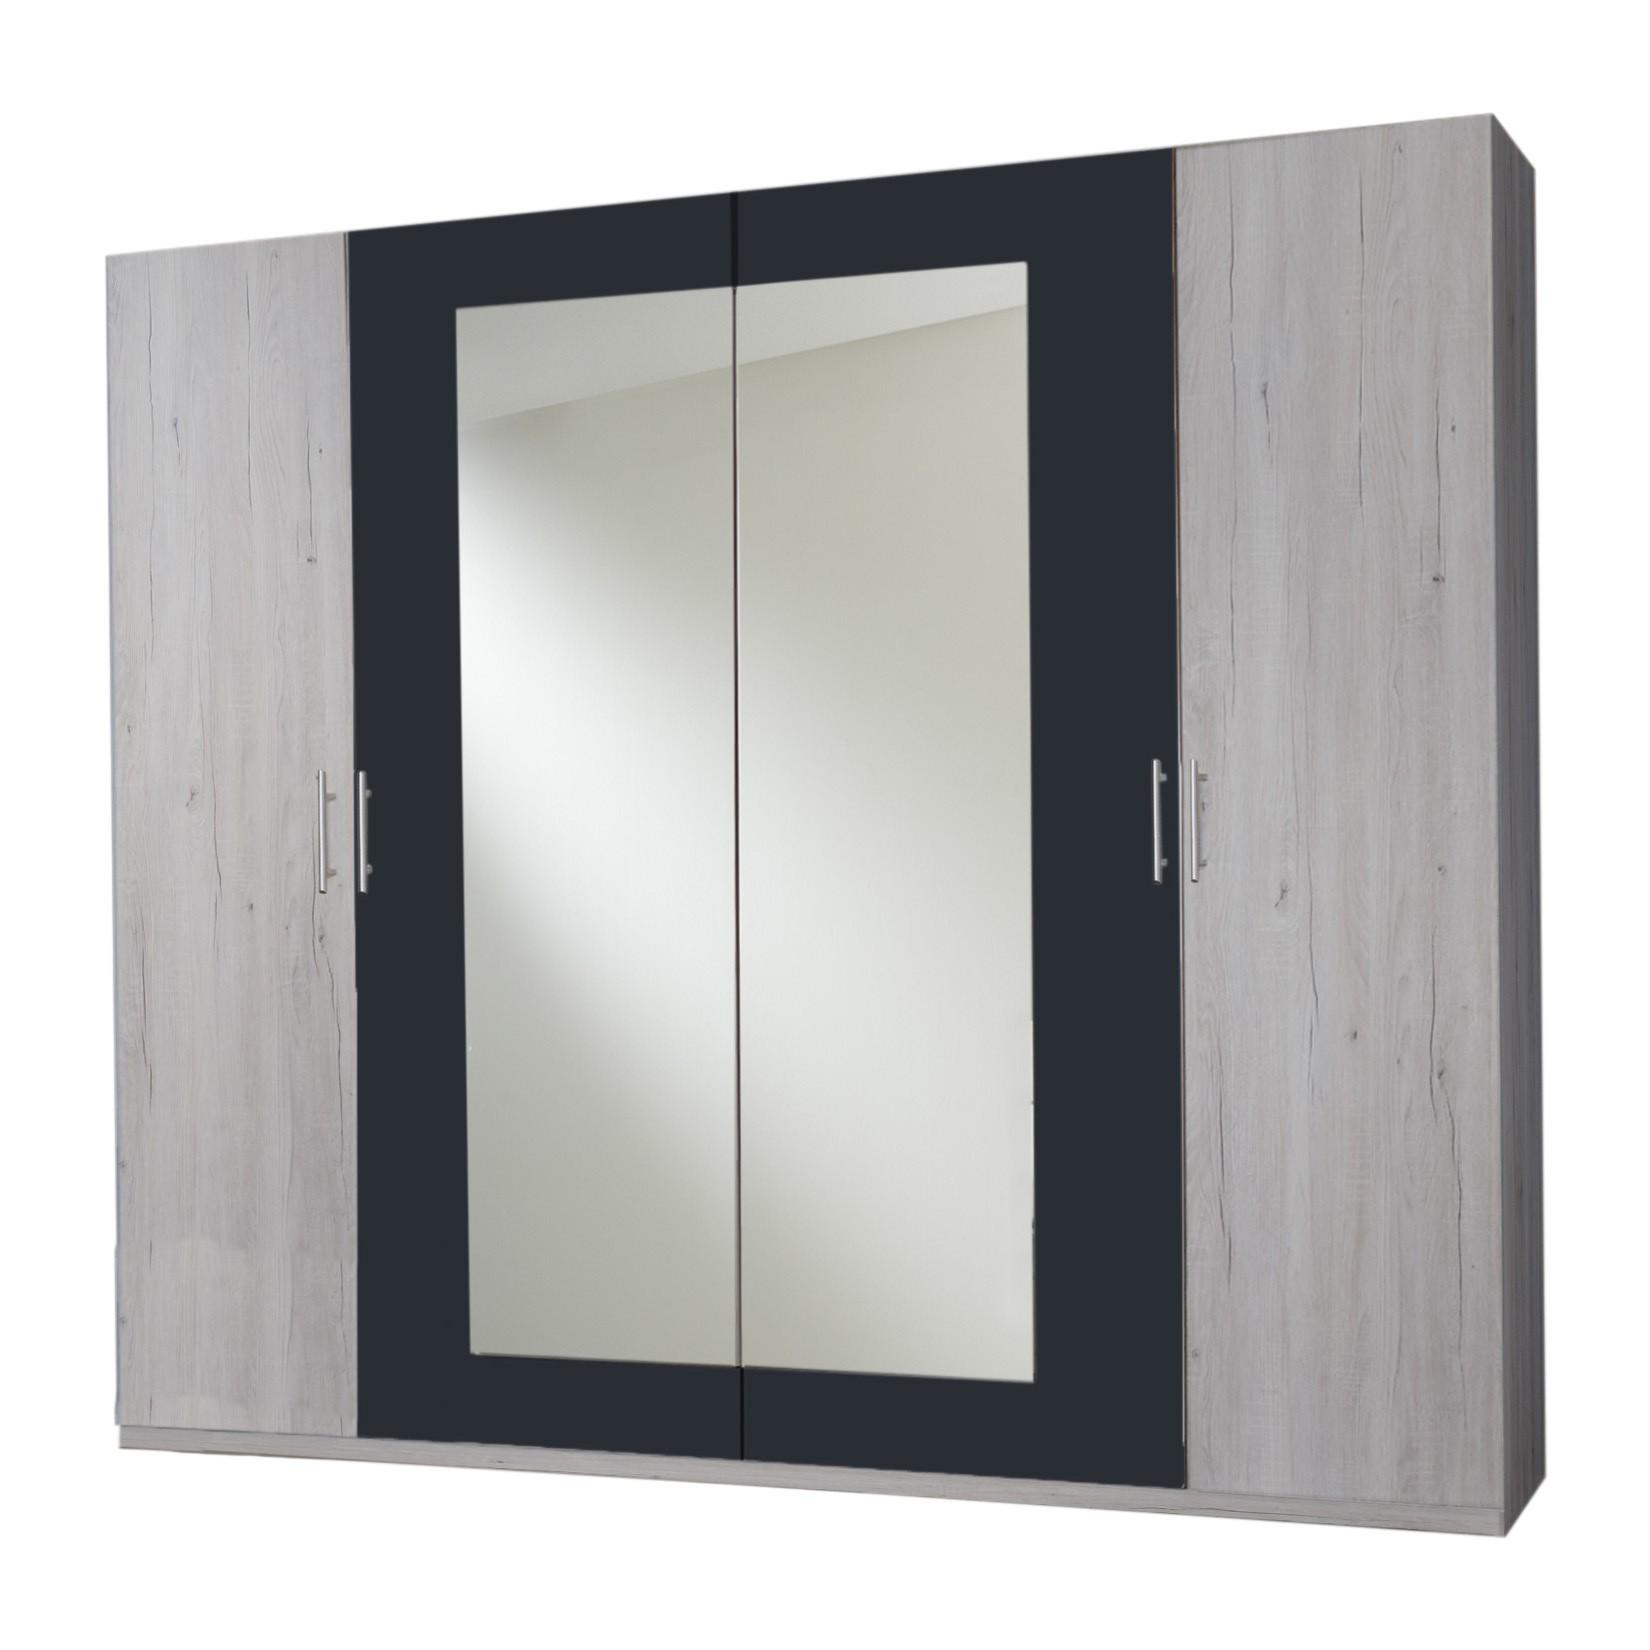 Armoire contemporaine 225 cm portes battantes chêne blanc/graphite Zora